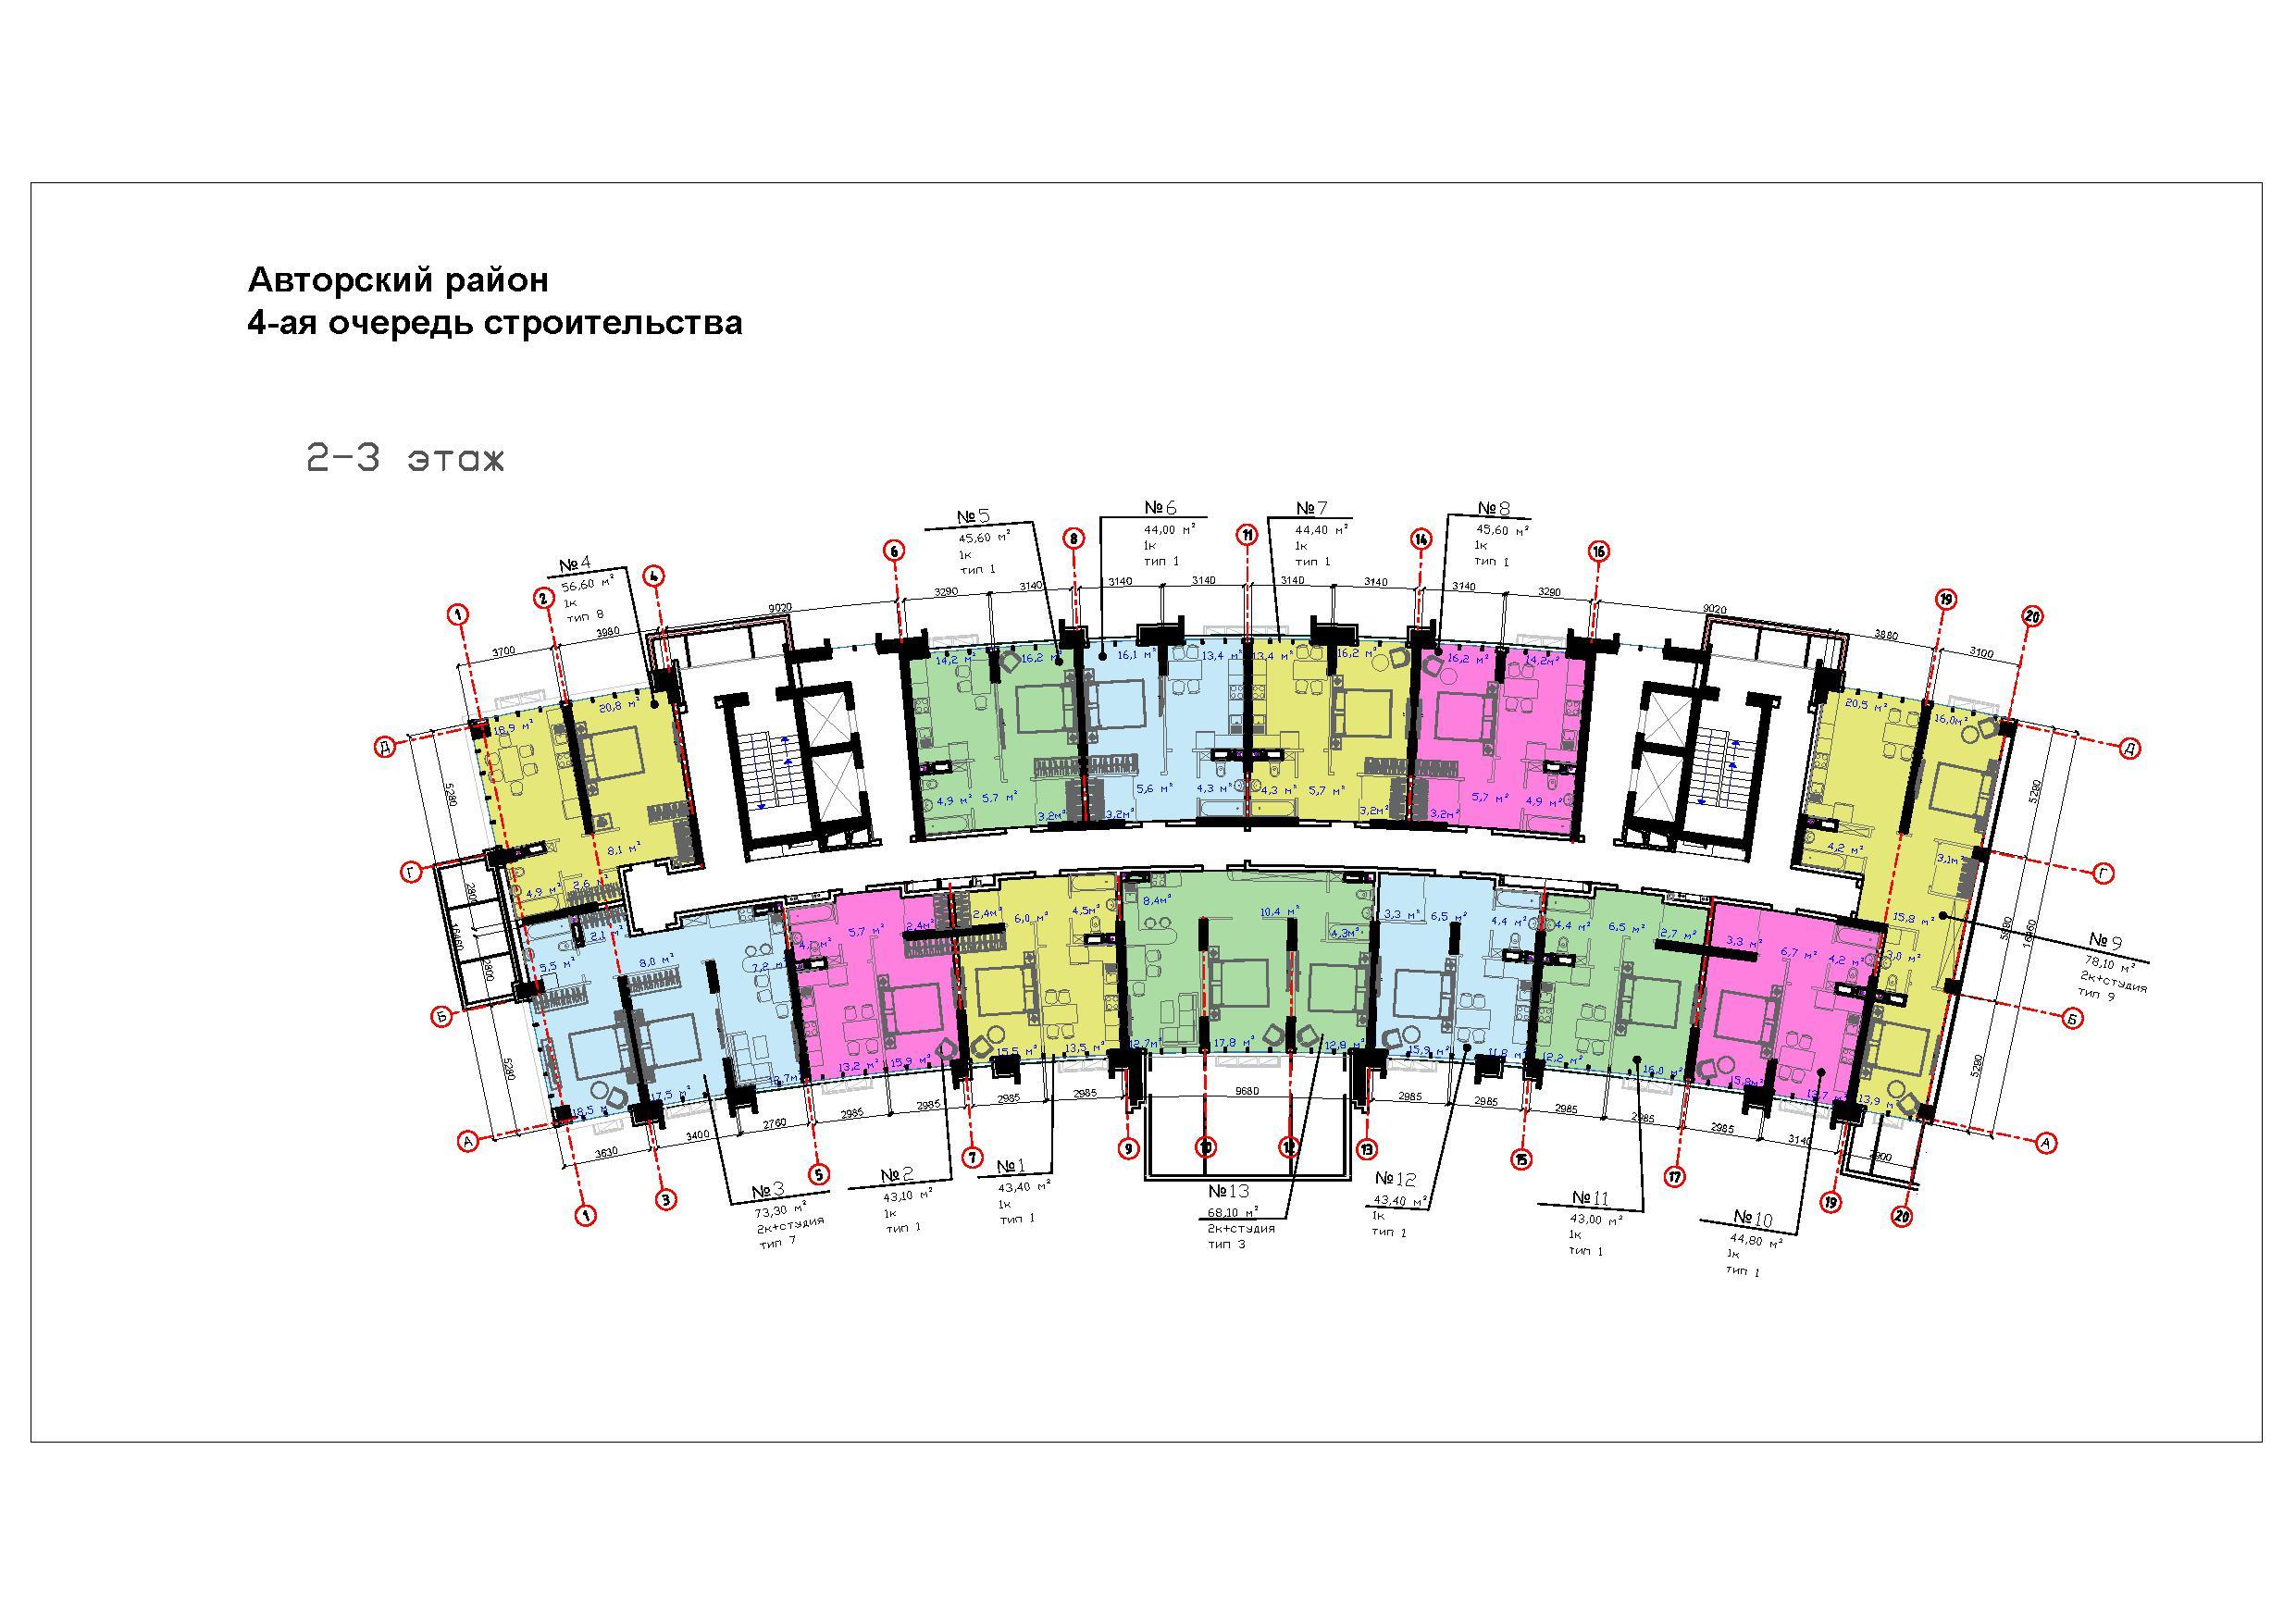 ЖК Авторский район 4 очередь план 2-3 этажа